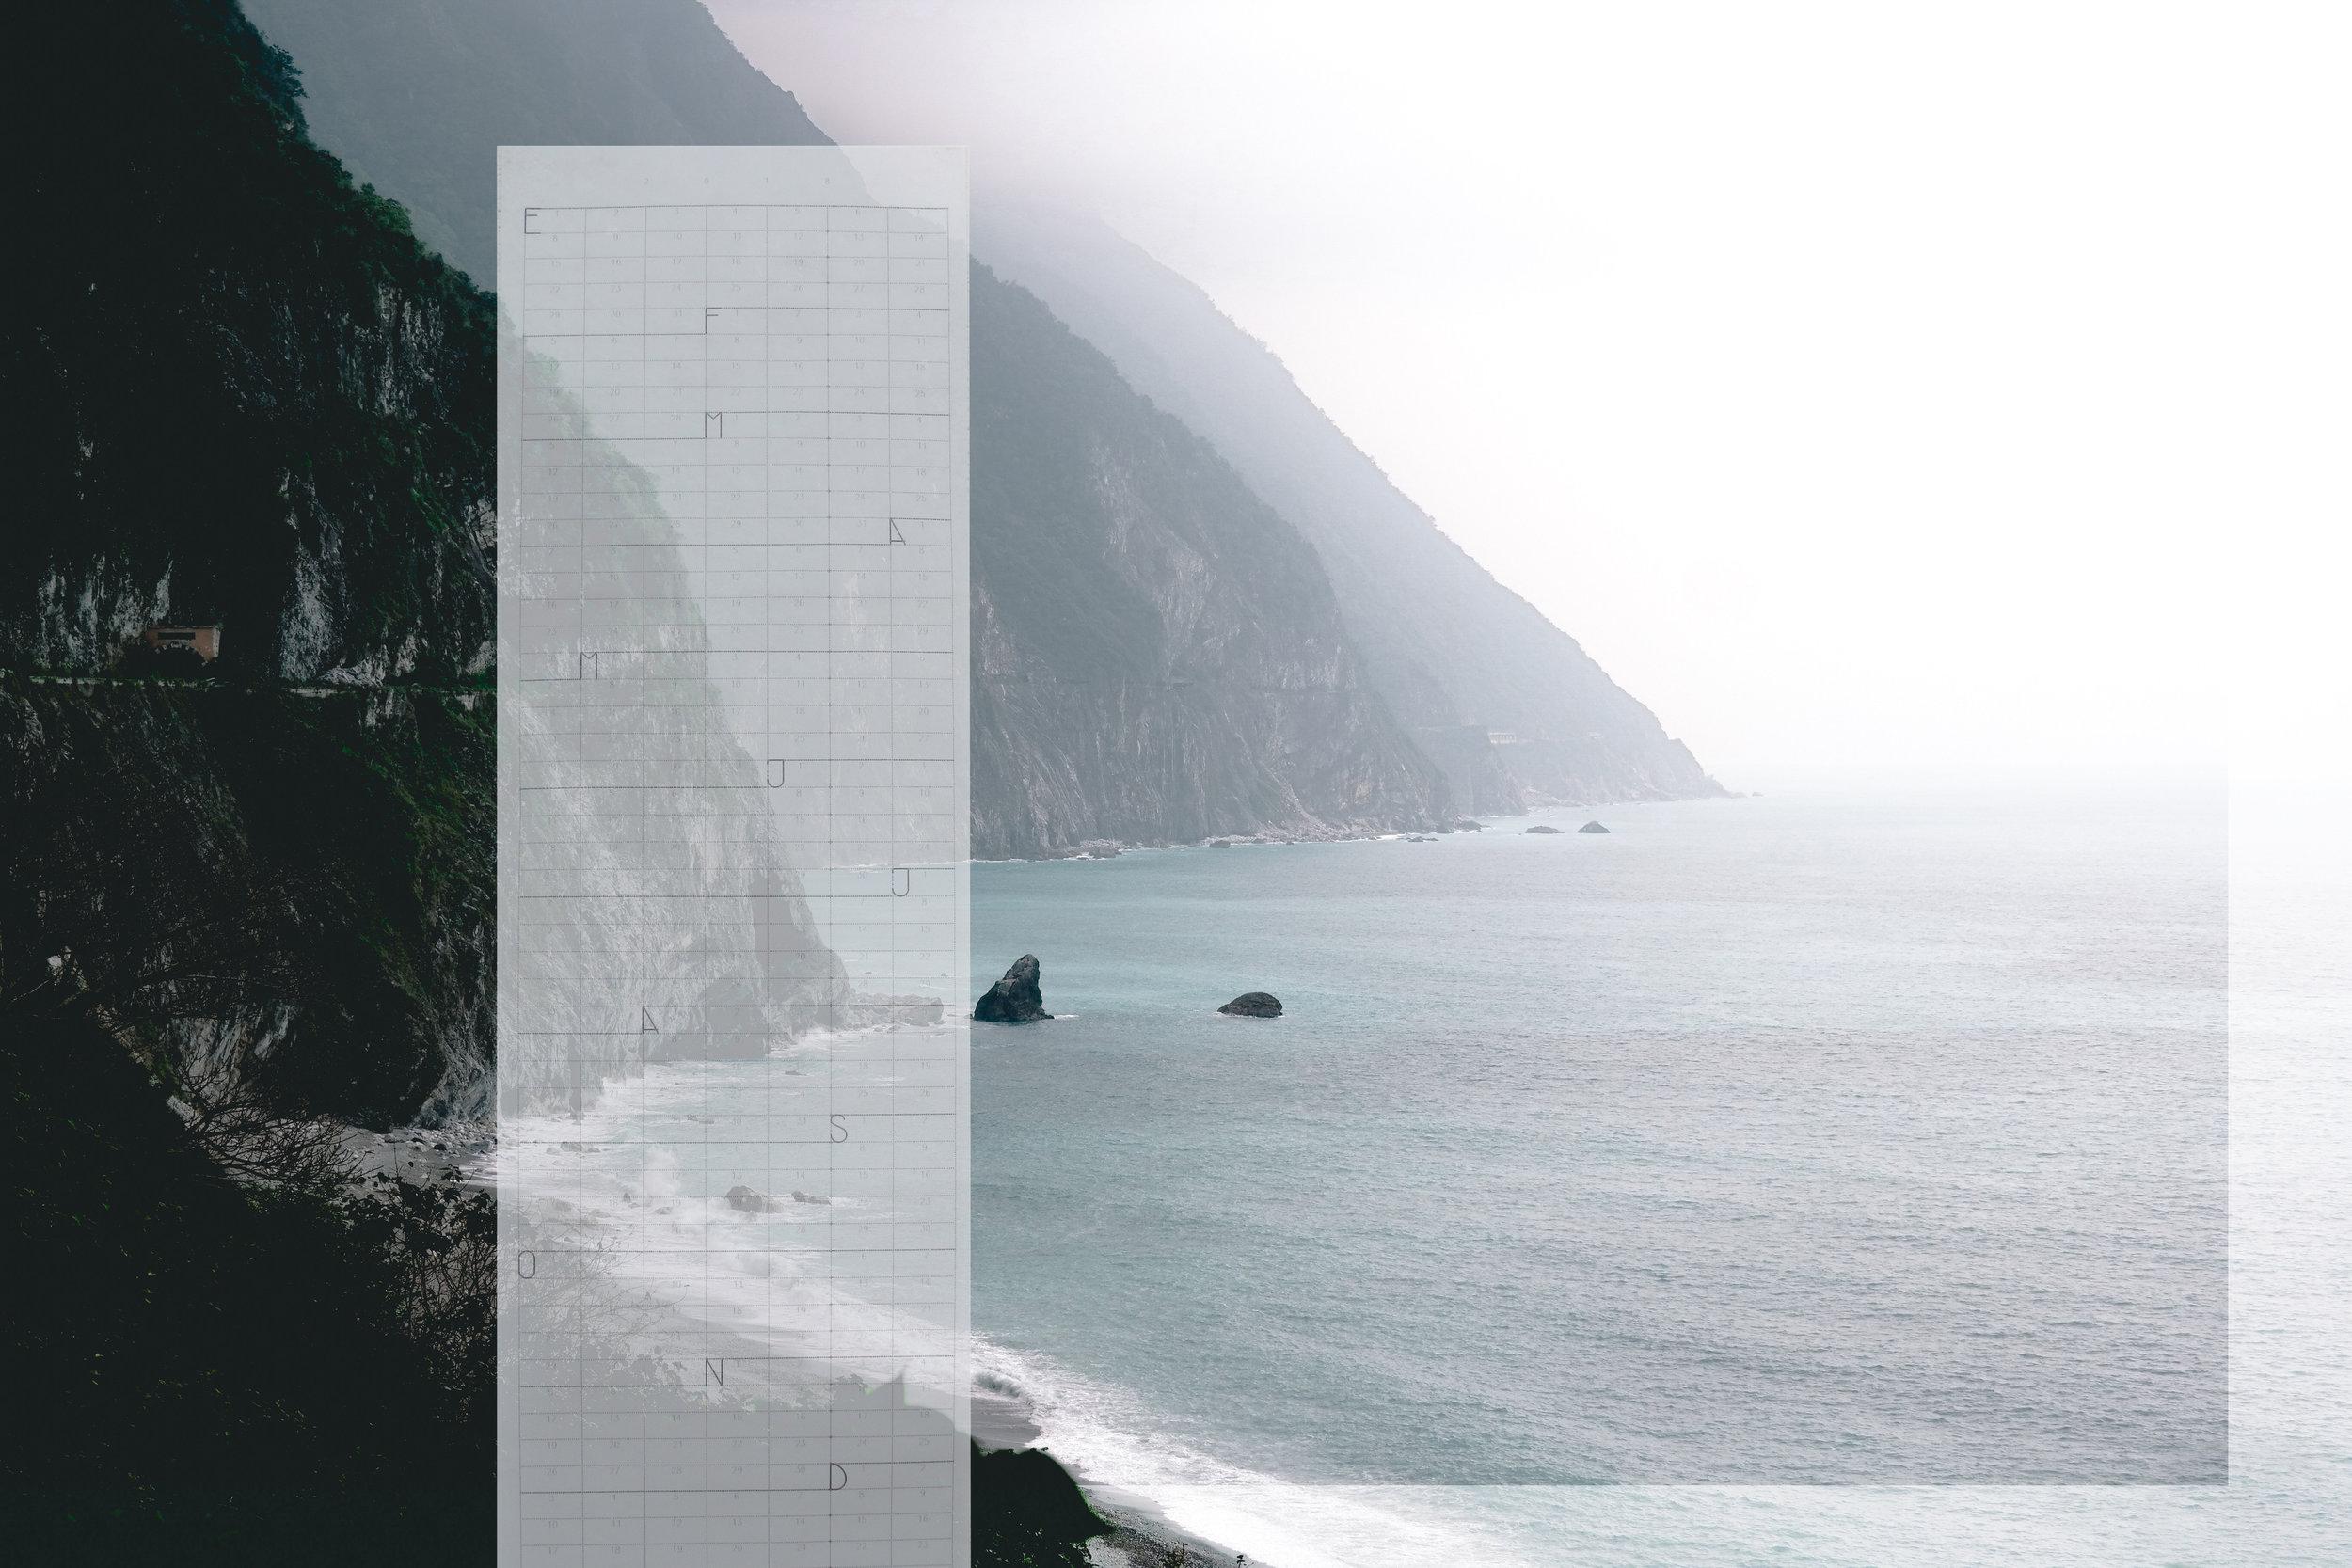 paisaje-4-con-calendario.jpg